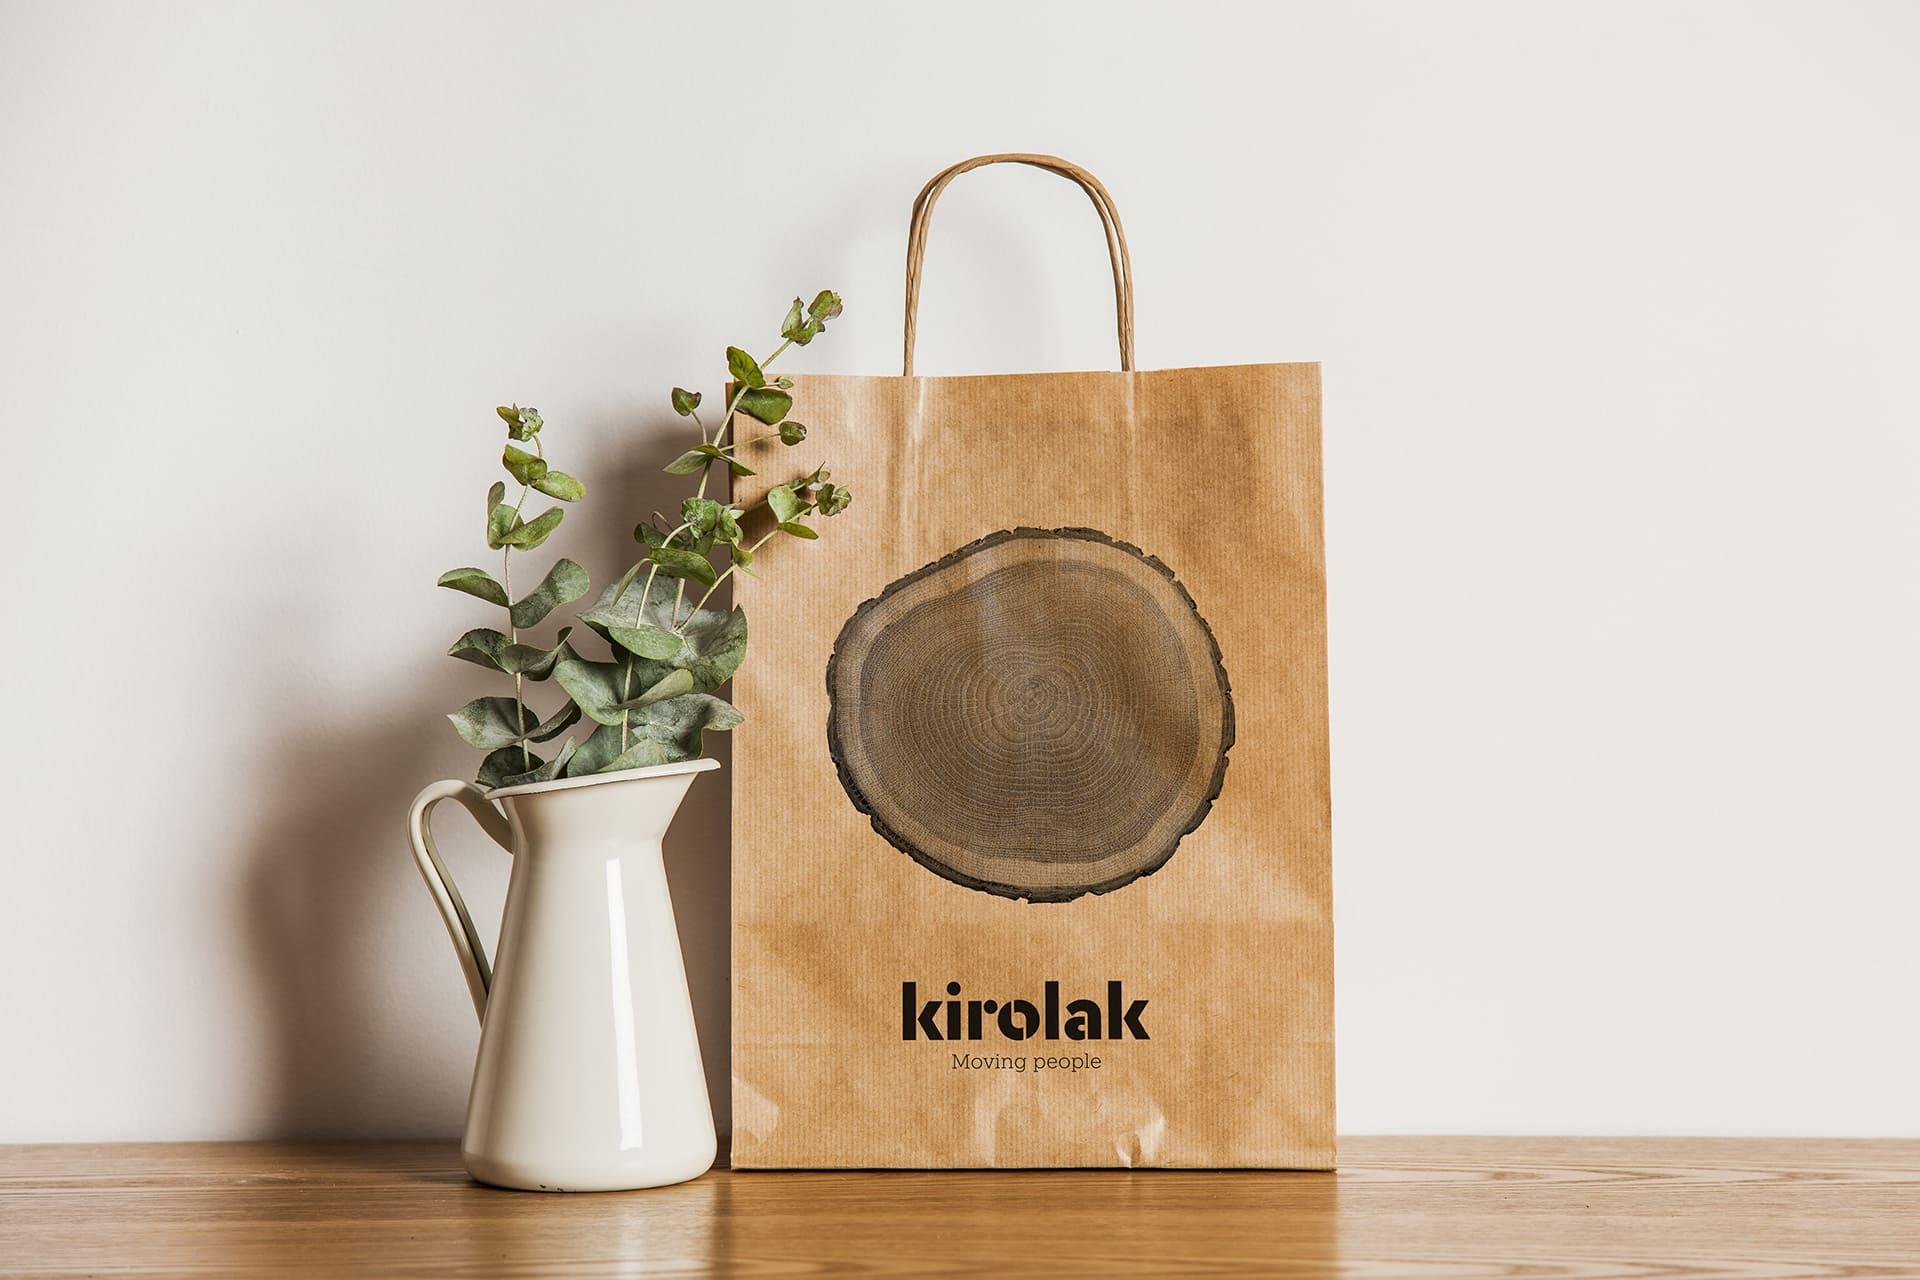 Bolsa de papel Kirolak